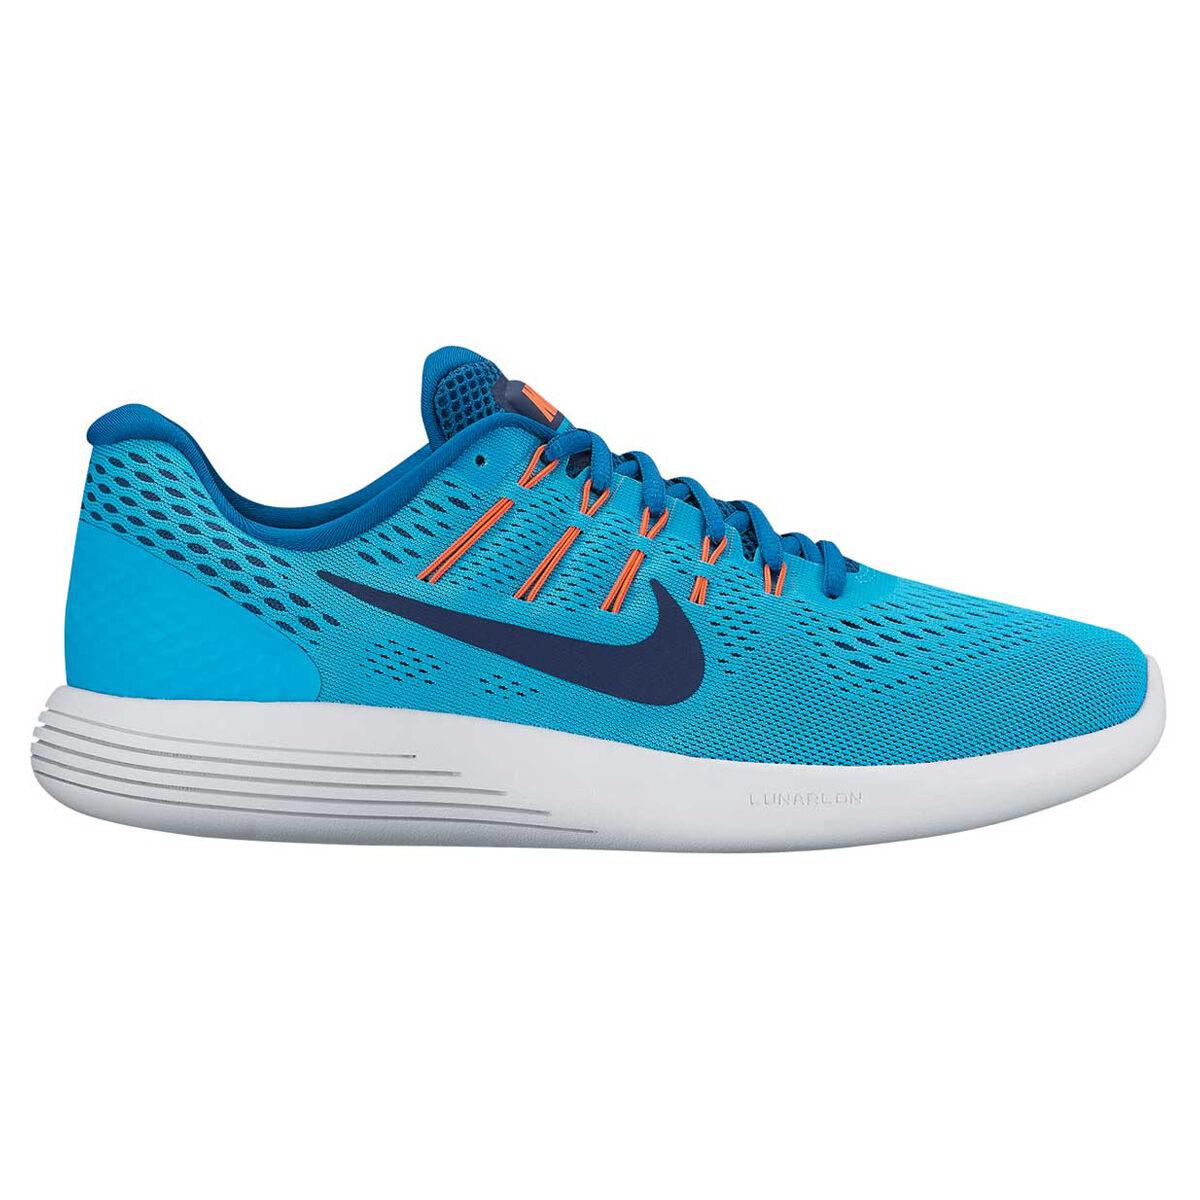 Ons Nike Sport Zwart Heren 8 Hardloopschoenen Rebel Lunarglide Blauw qq17Y